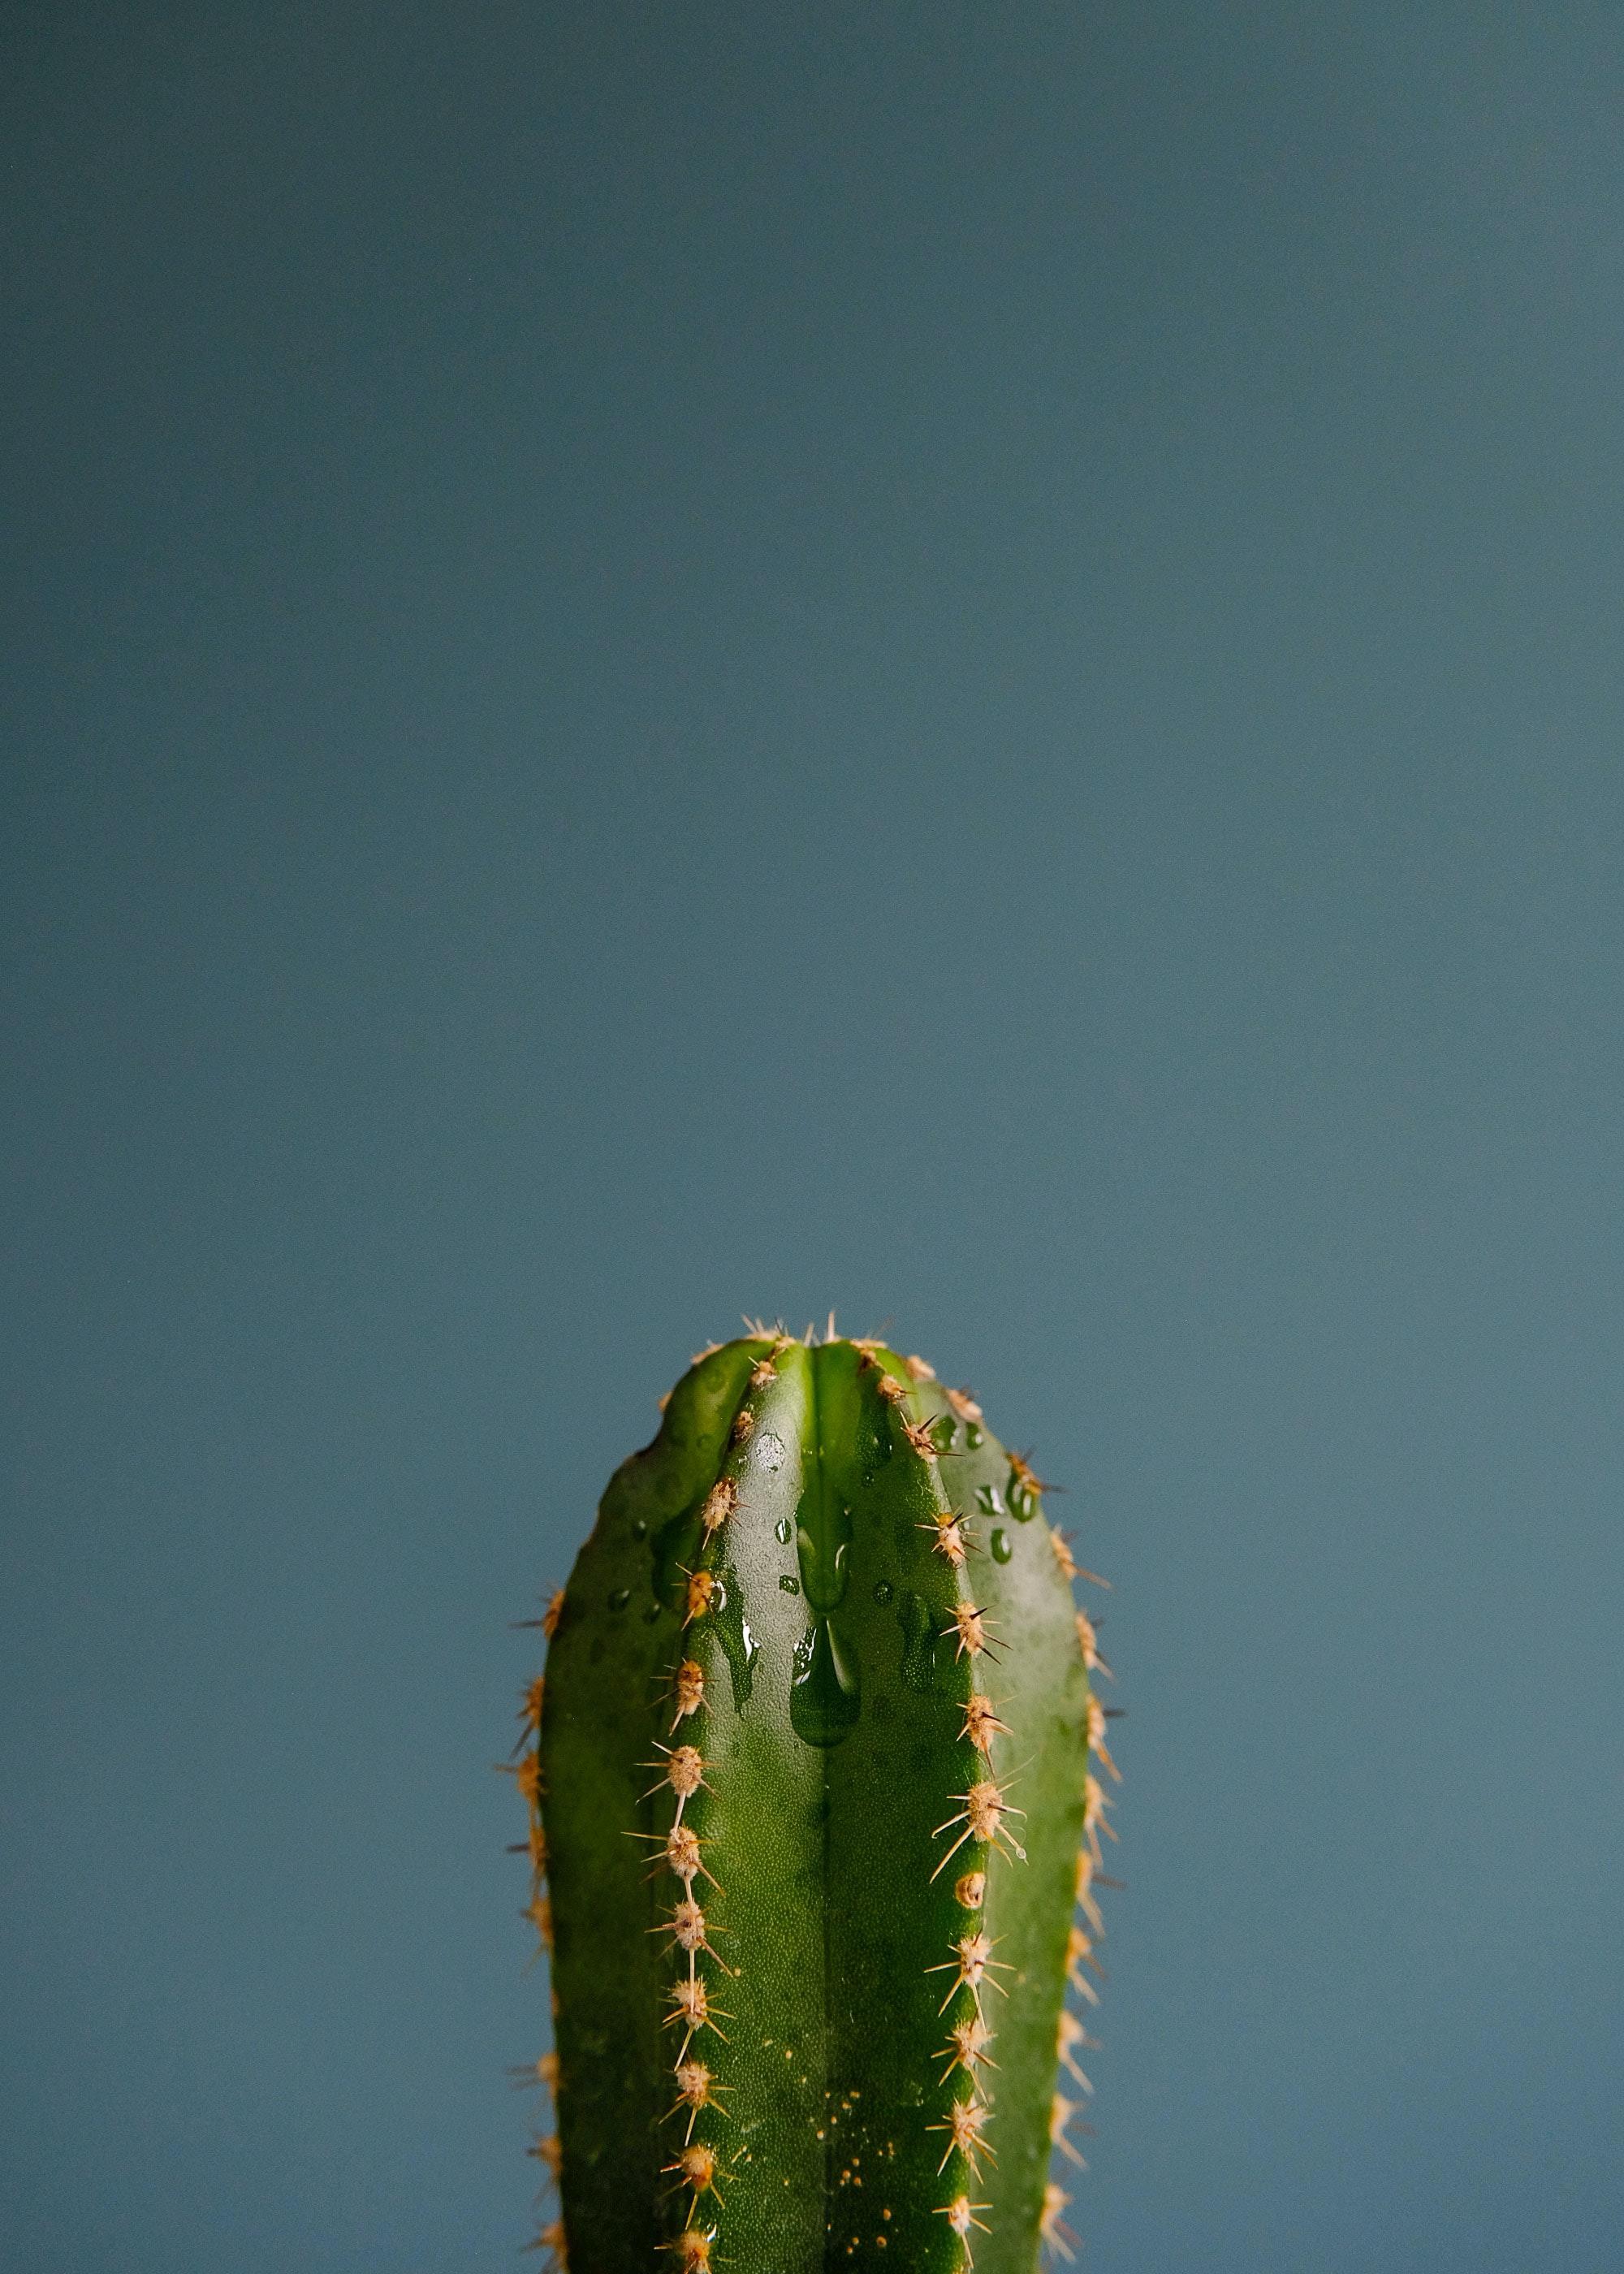 109390 descargar fondo de pantalla Miscelánea, Misceláneo, Cactus, Cacto, Espinas, Planta, Drops: protectores de pantalla e imágenes gratis